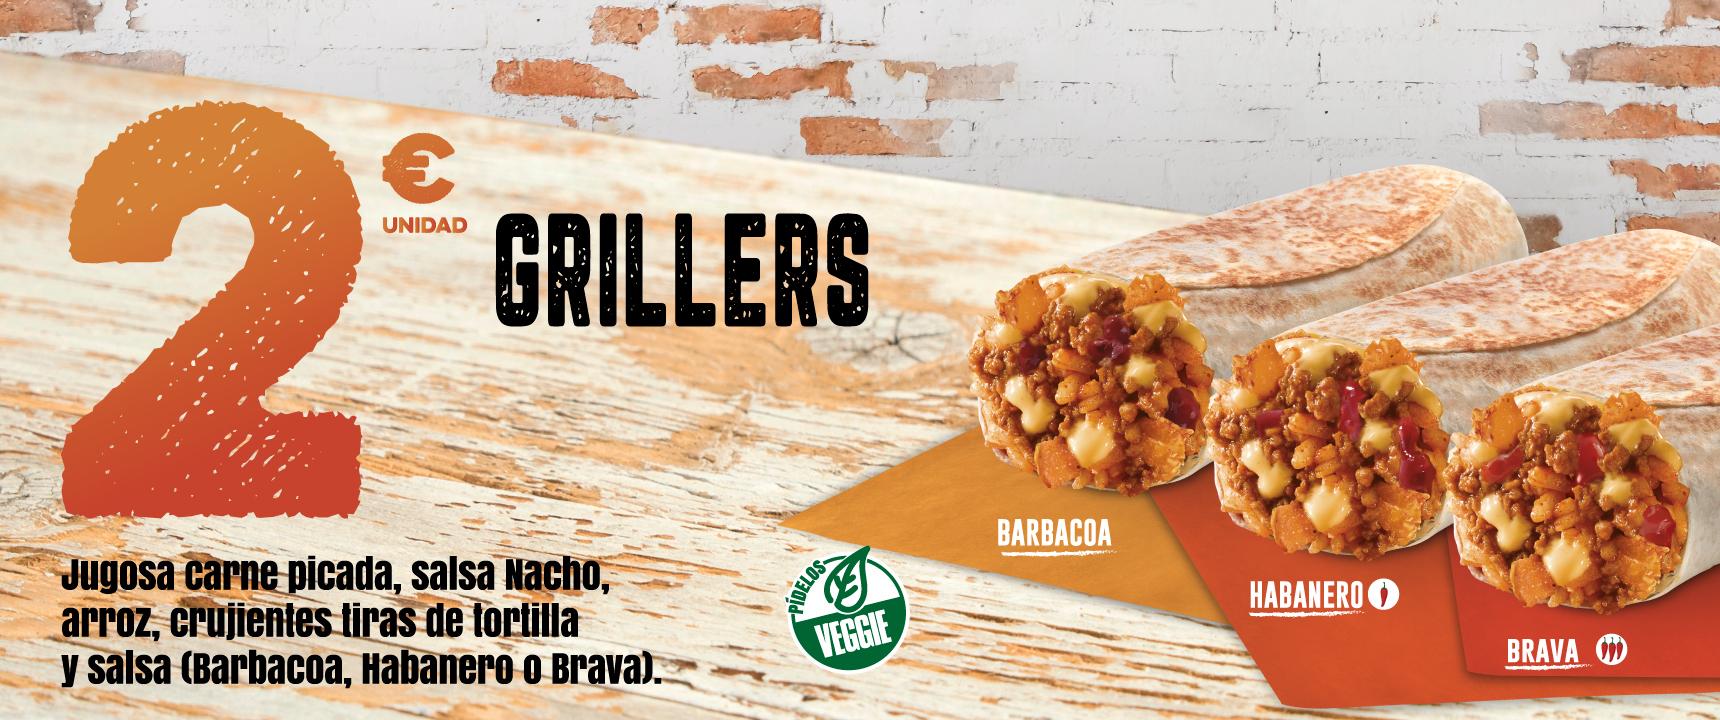 Grillers en Taco Bell por solo 2€